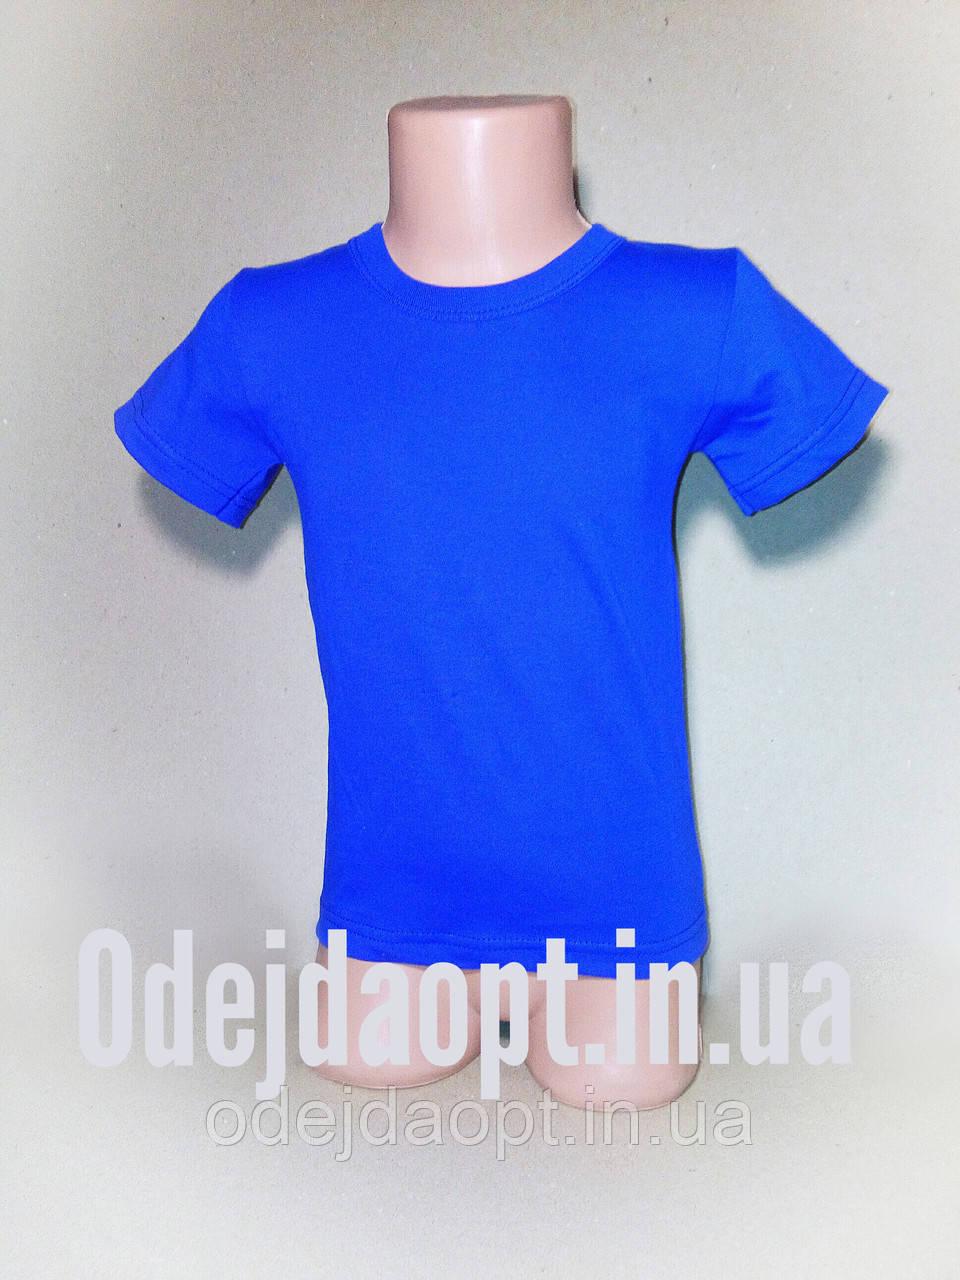 Детская однотонная синяя футболка 2,3,4,5,6,7,8,9,10,11,12,13,14,15  лет